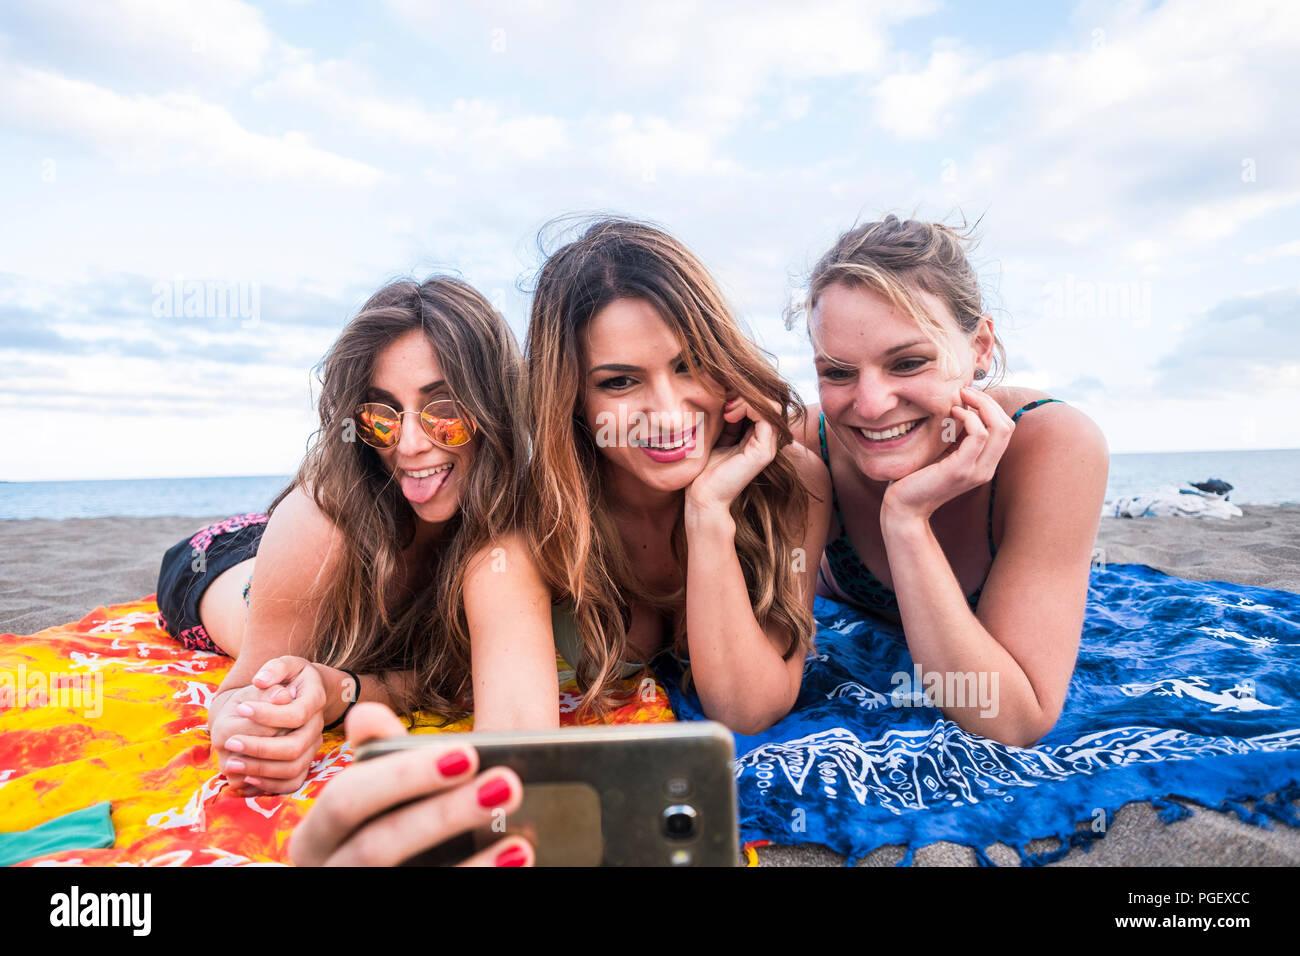 Hübsche Gruppe junger Frauen Mädchen mit einem Smart Phone am Strand liegen und das Meer und den Horizont im Hintergrund. fröhliche Menschen genießen die lif Stockbild